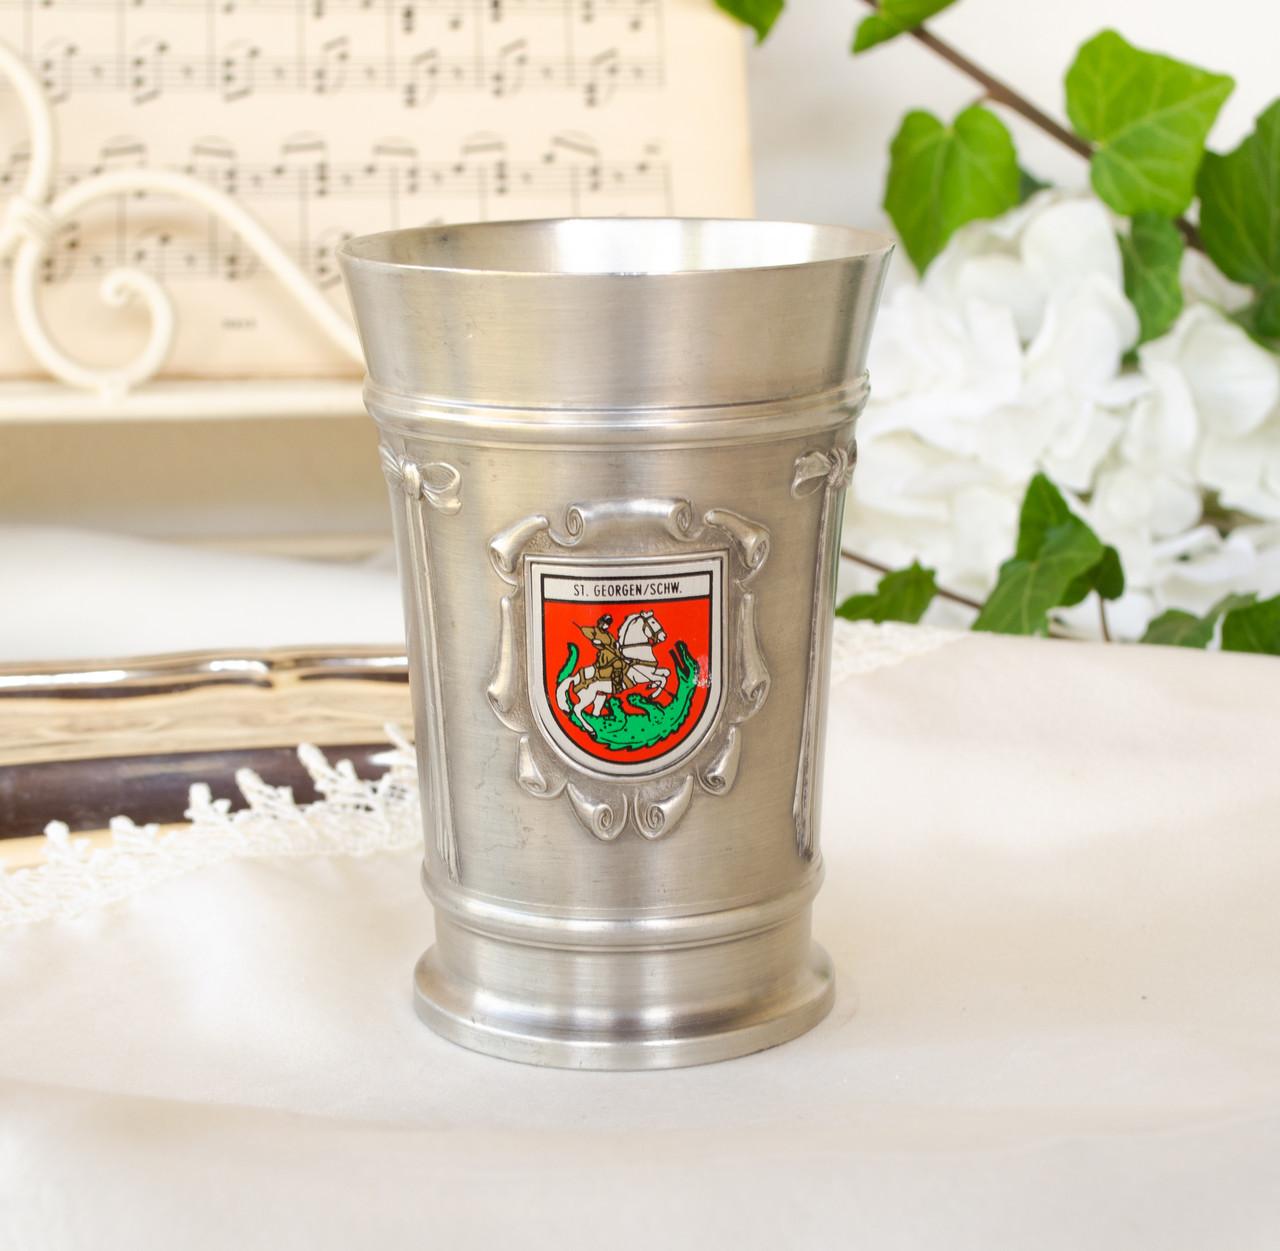 Коллекционный оловянный бокал, пищевое олово, Германия, гербовая символика, 300 мл